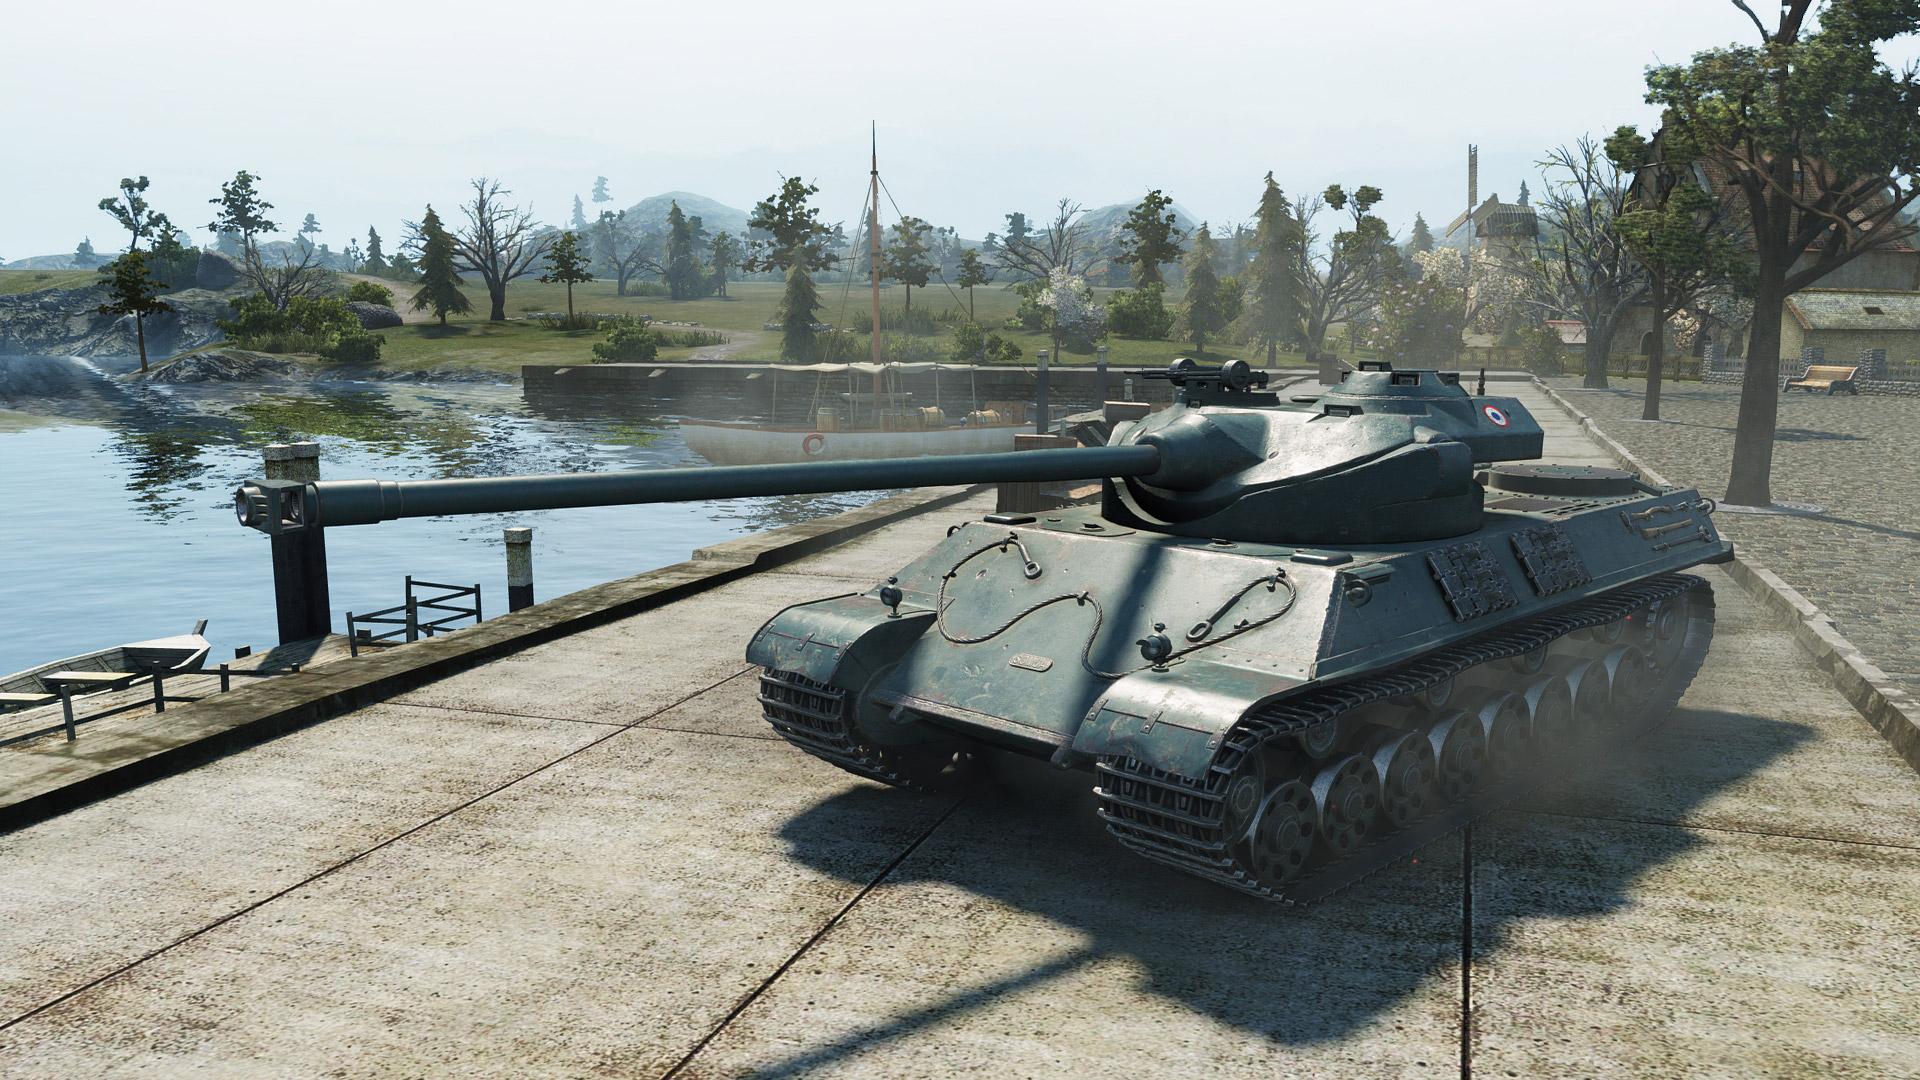 Somua sm: купить объект 260 в world of tanks